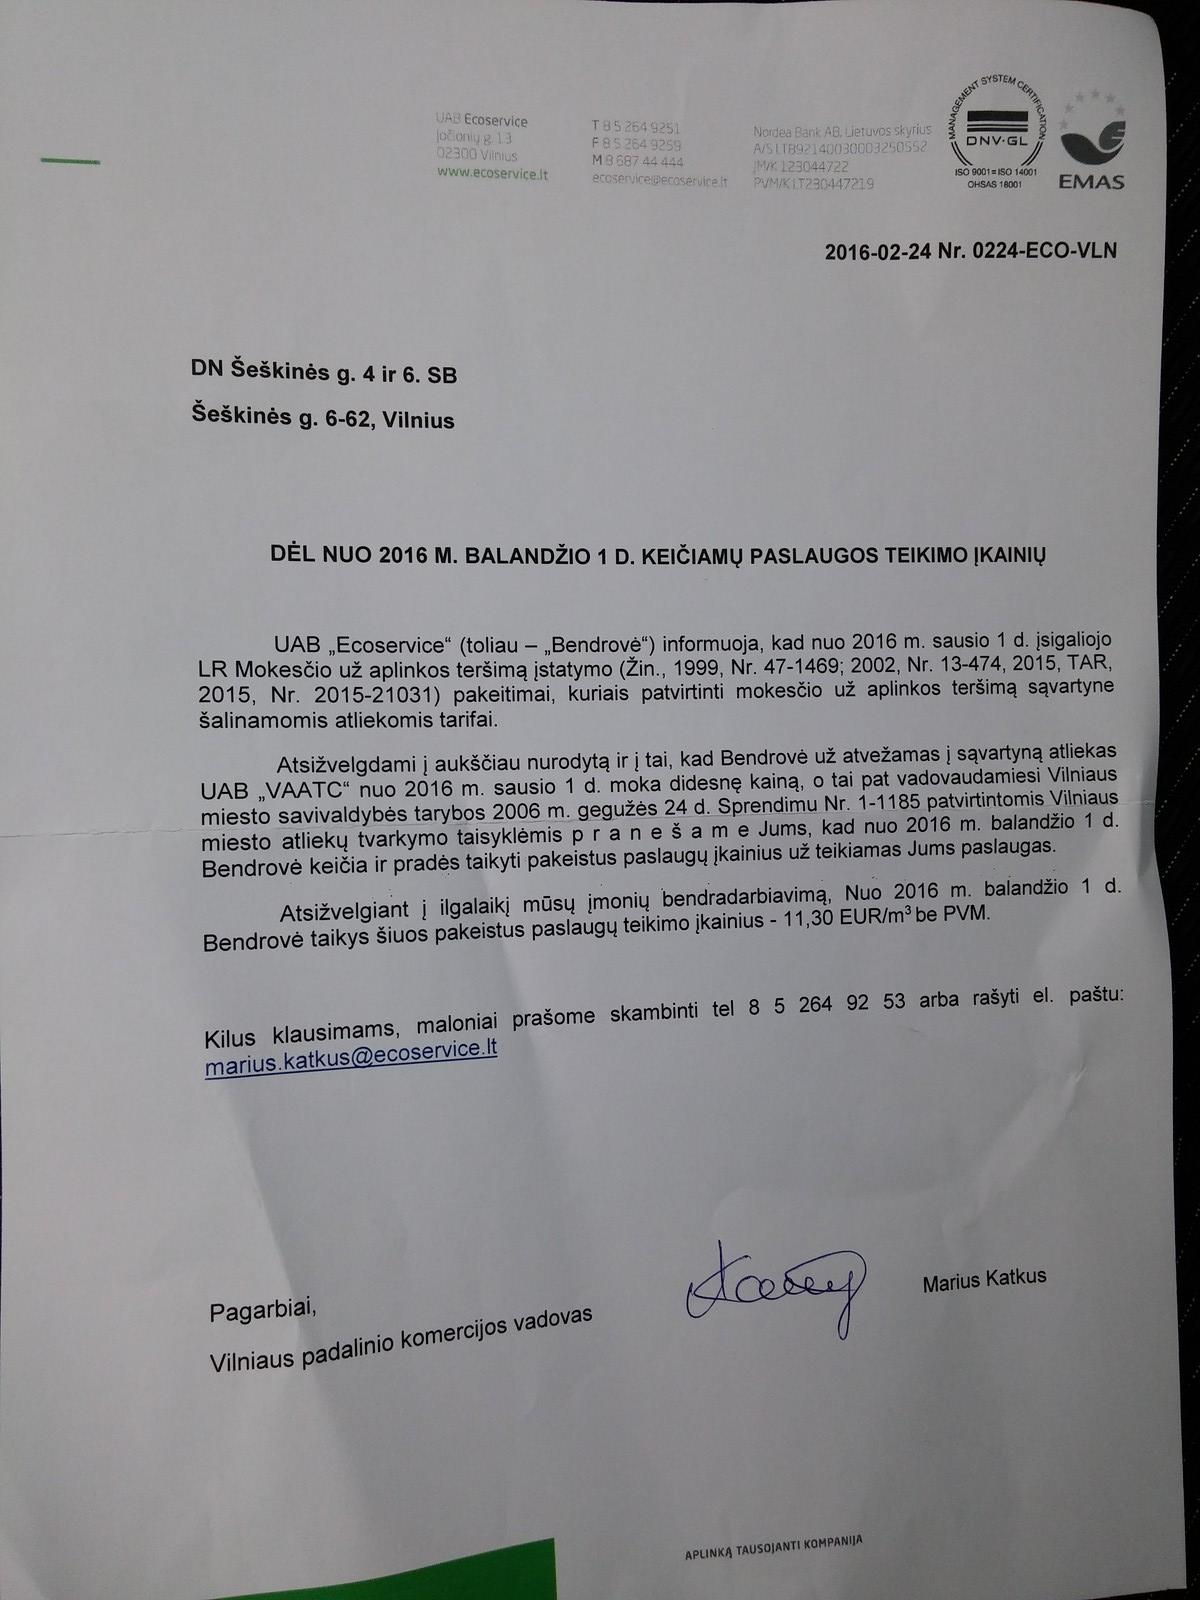 Nuo balandžio 11.3 EUR už kubinį metrą.